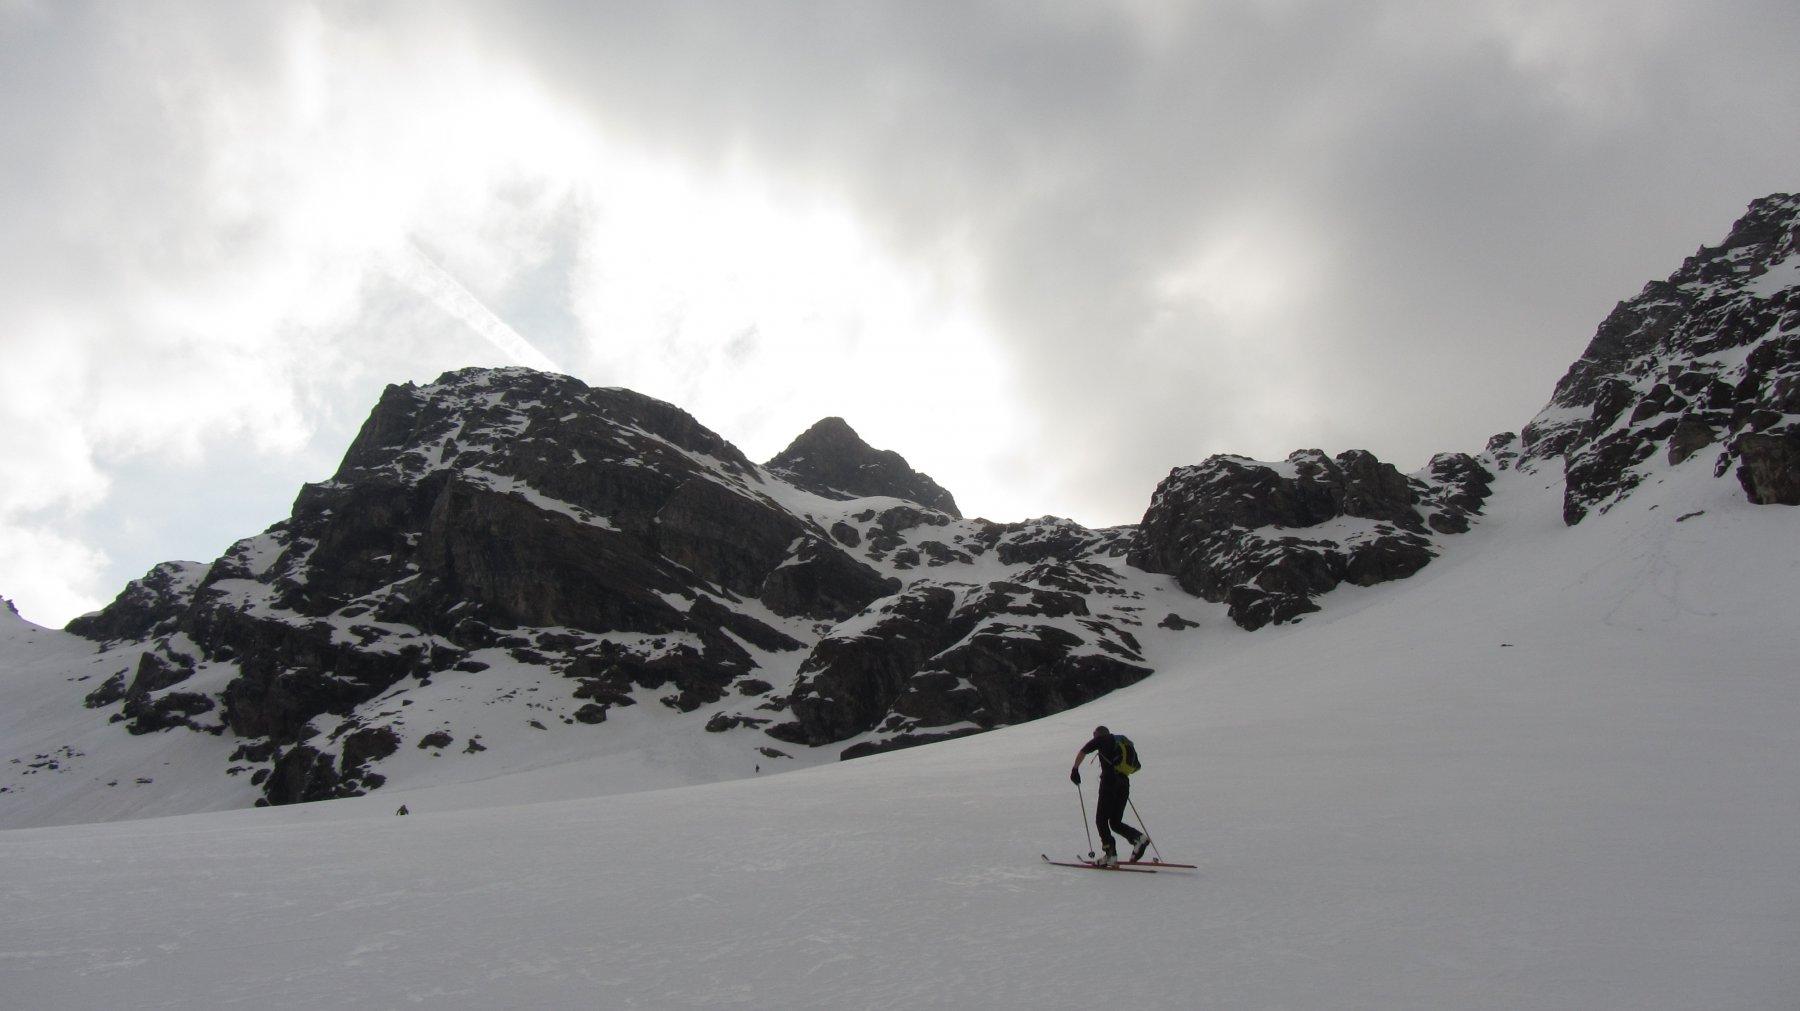 In salita nei pressi del bivacco prima di intraprendere il canale di sinistra che conduce sul ghiacciaio di Luseney